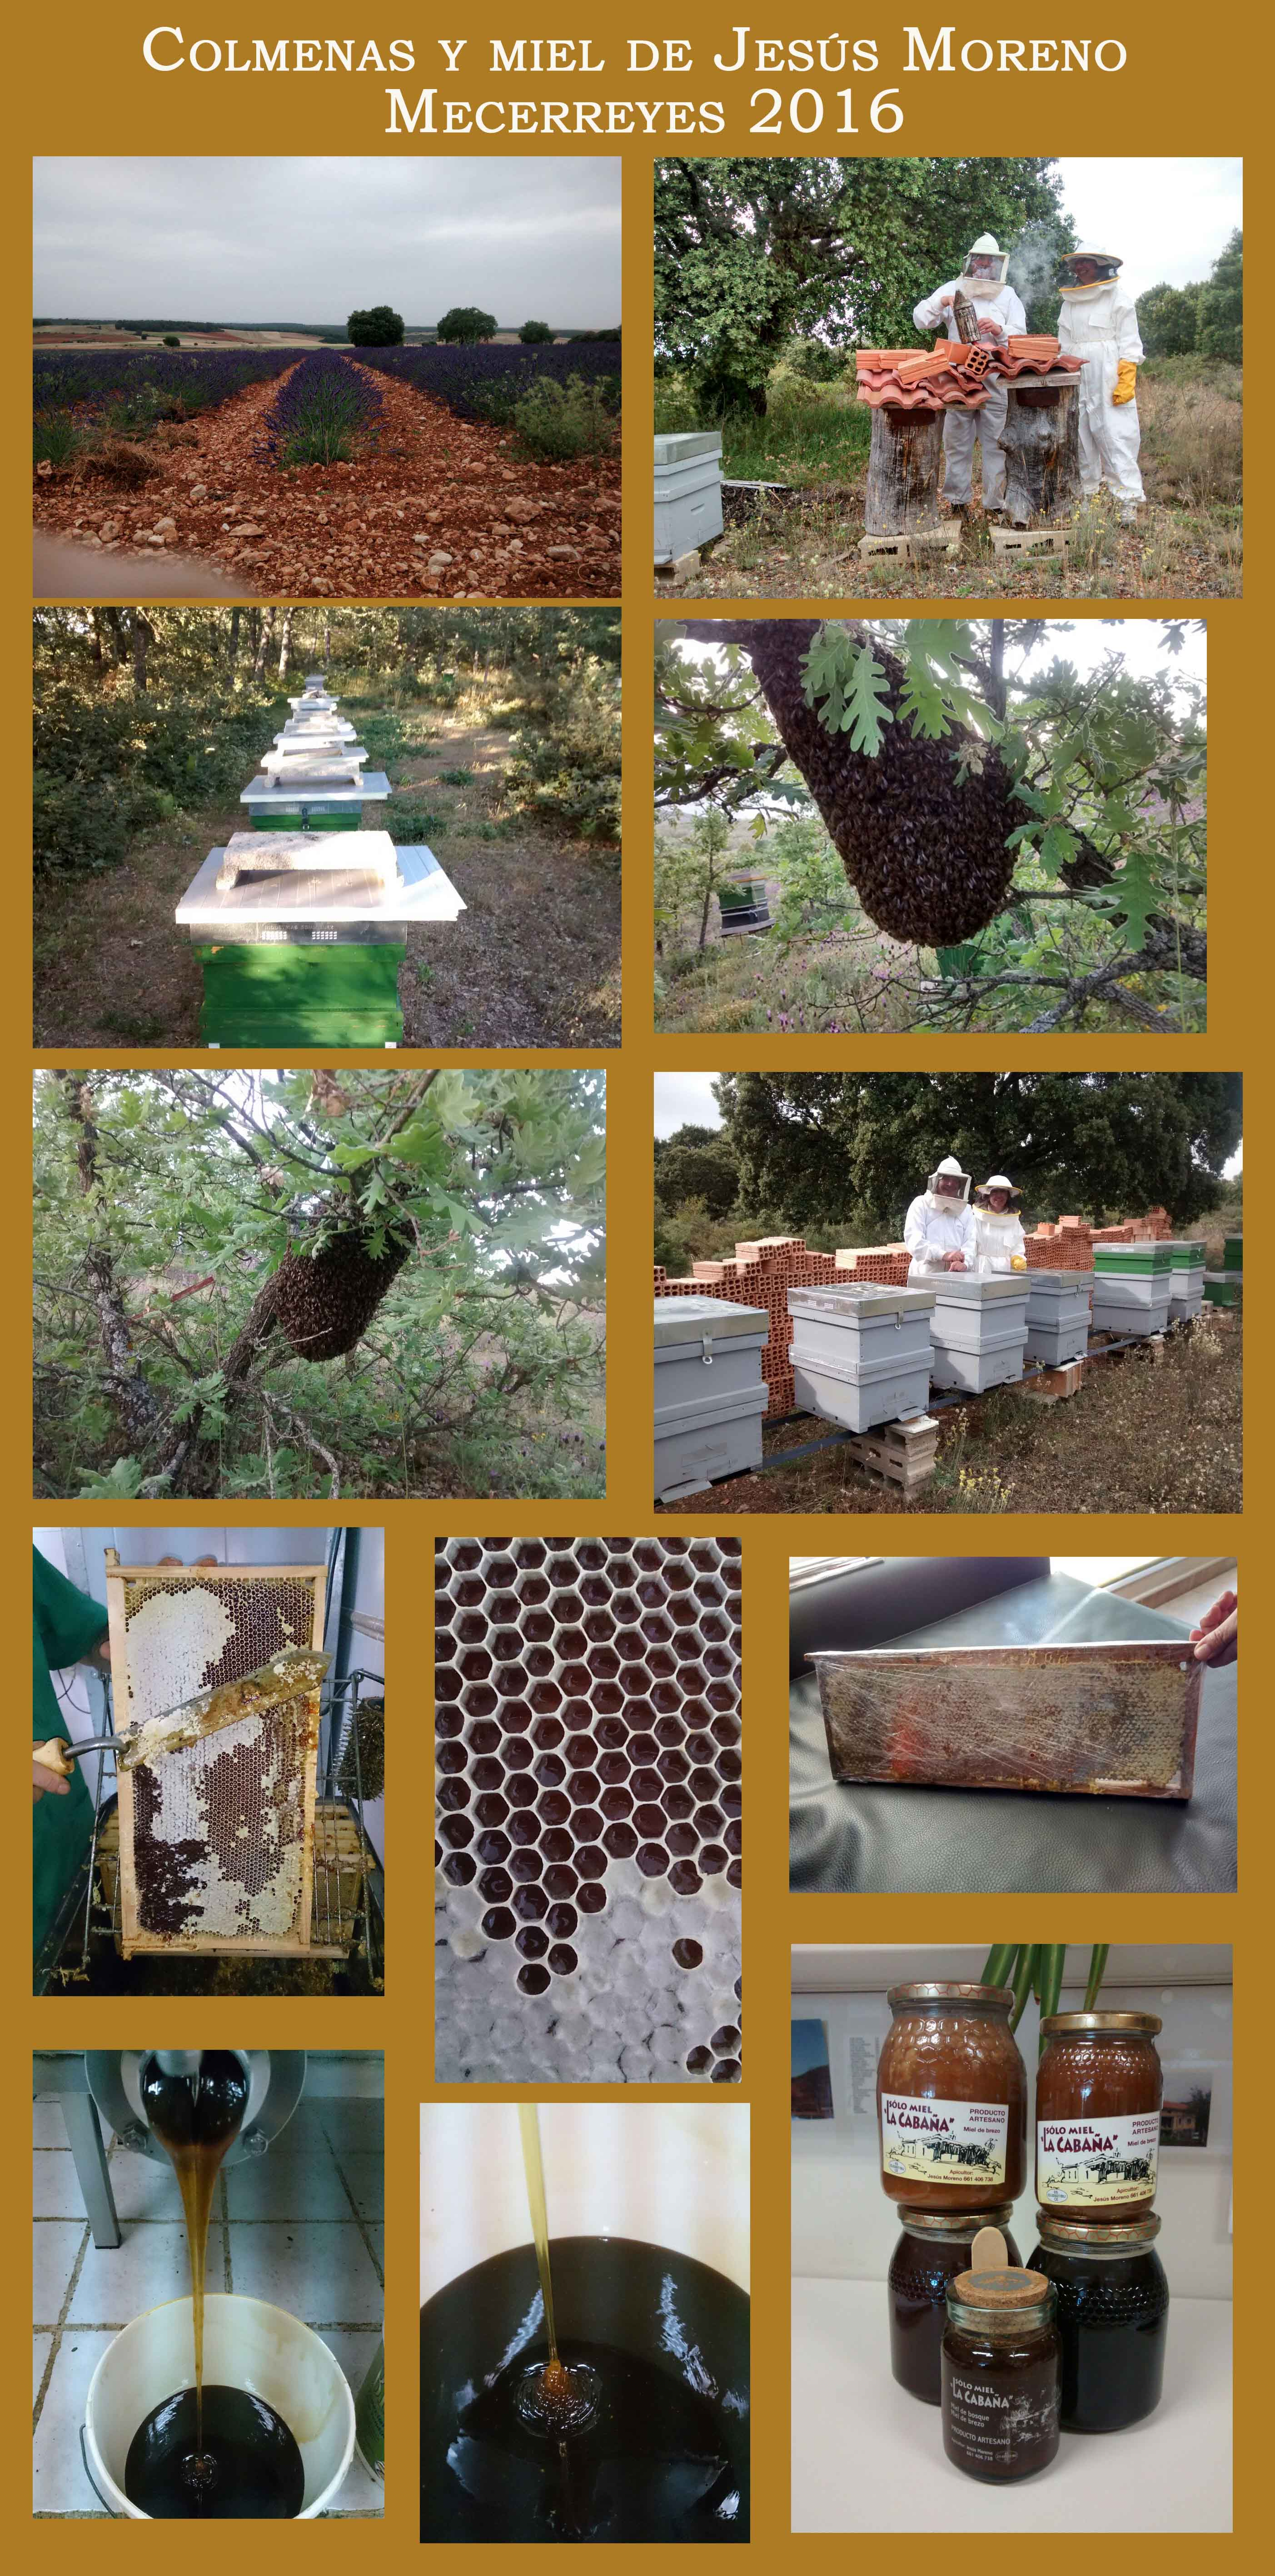 Mecerreyes, colmenas y miel de Jesús Moreno, octubre 2016